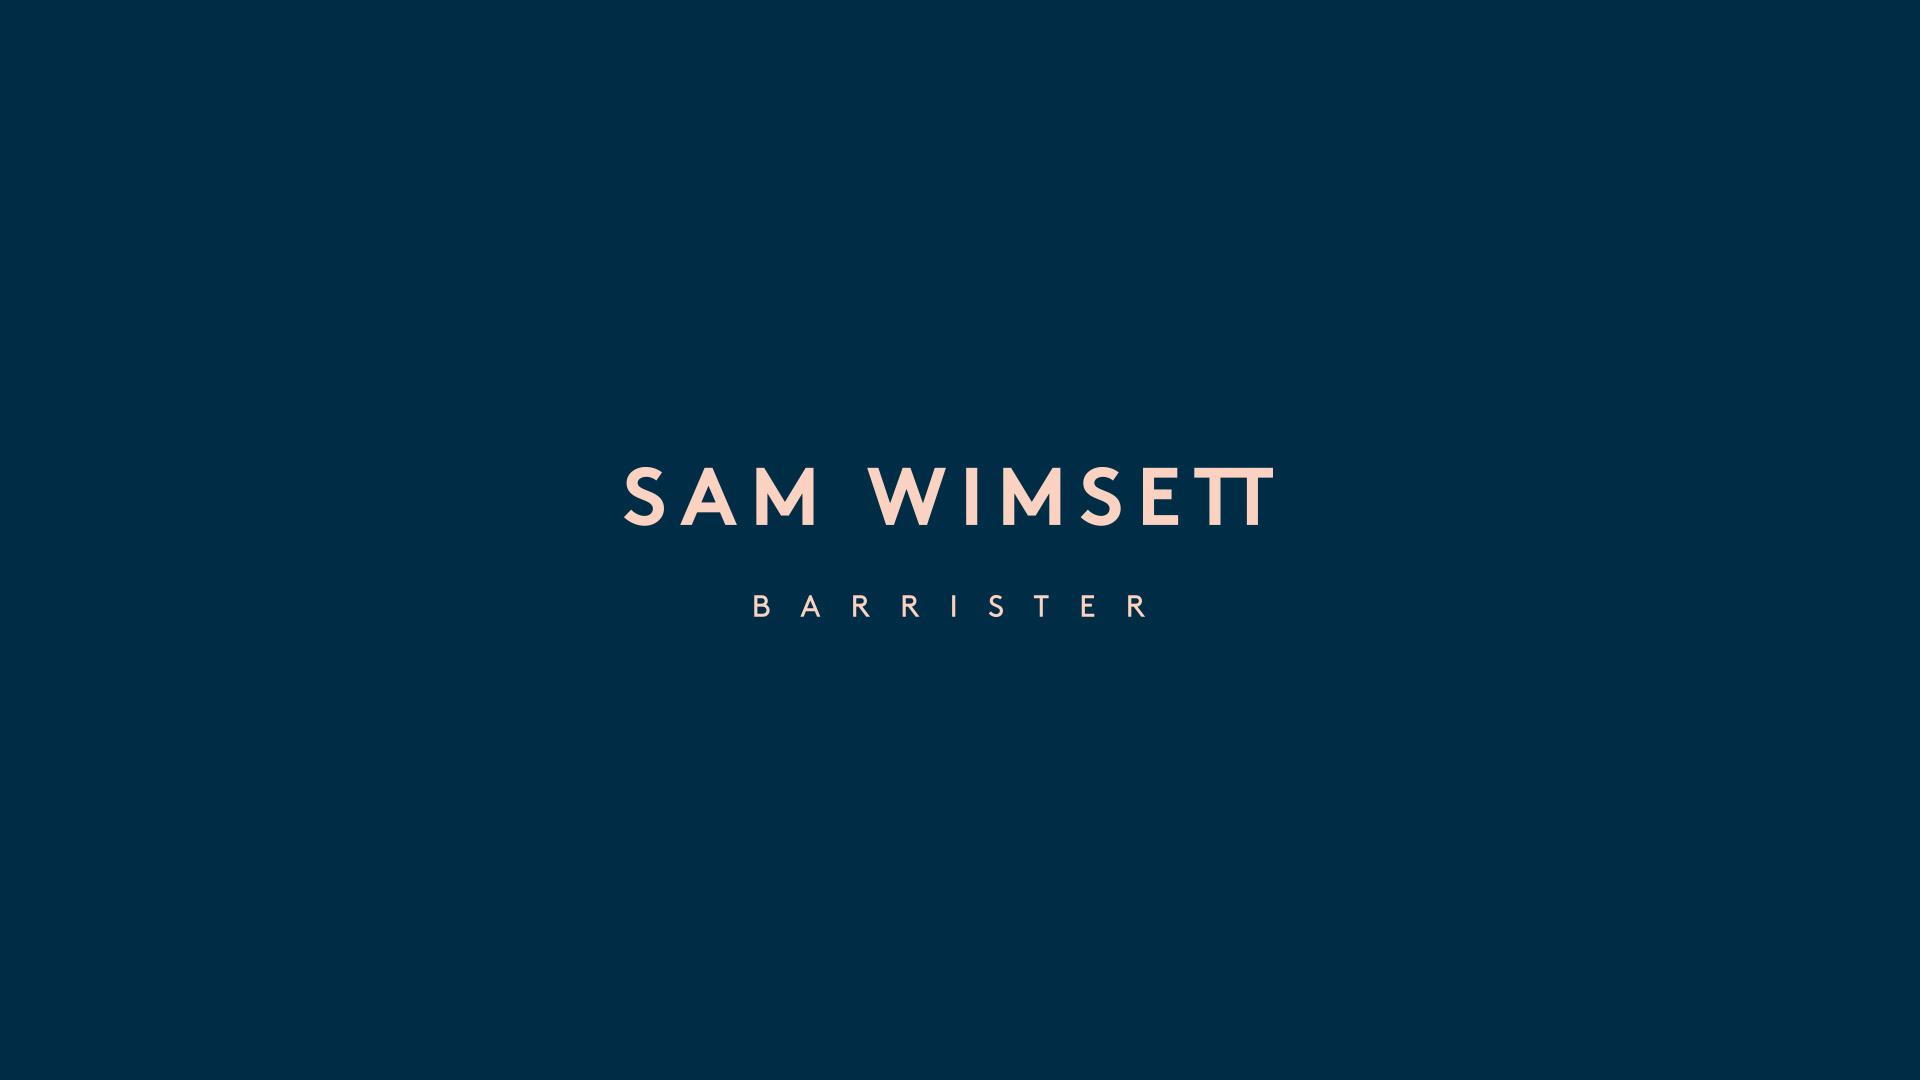 SAM WIMSETT.jpg